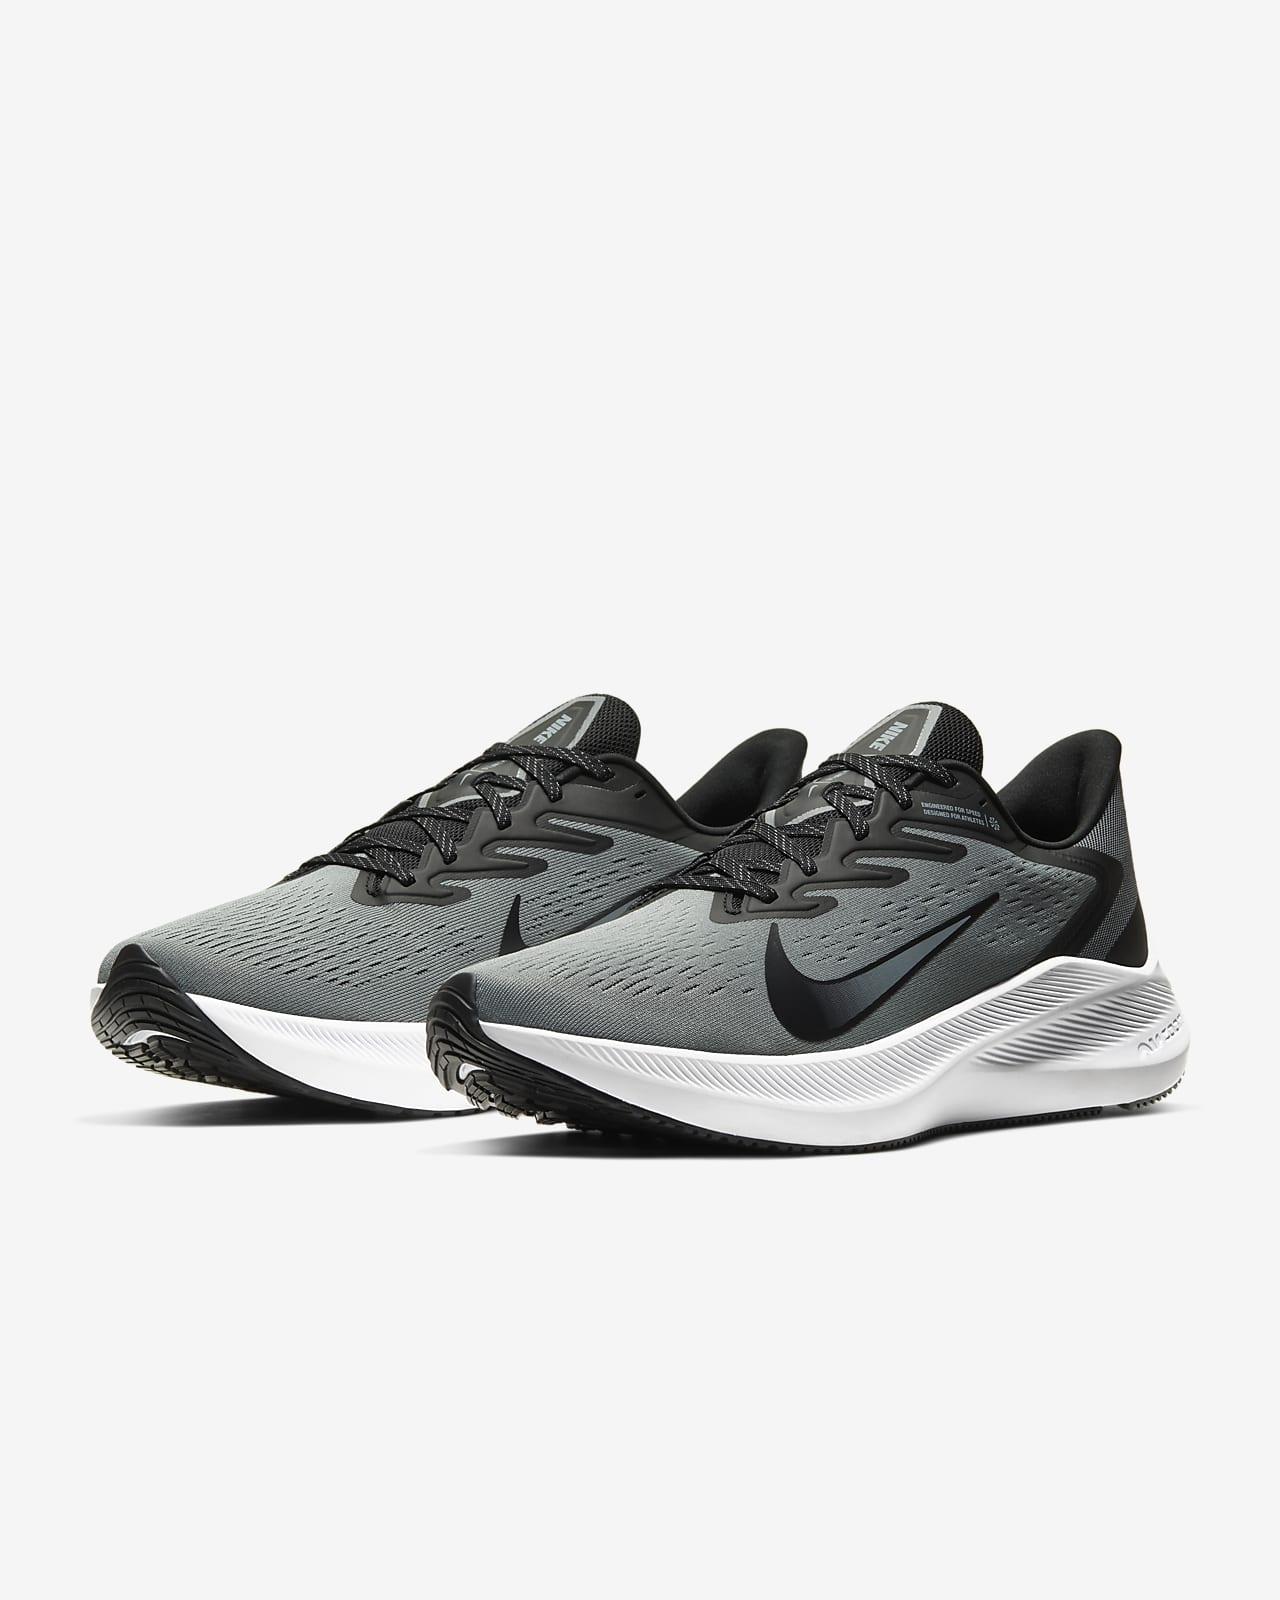 Nike Air Zoom Winflo 7 Men's Running